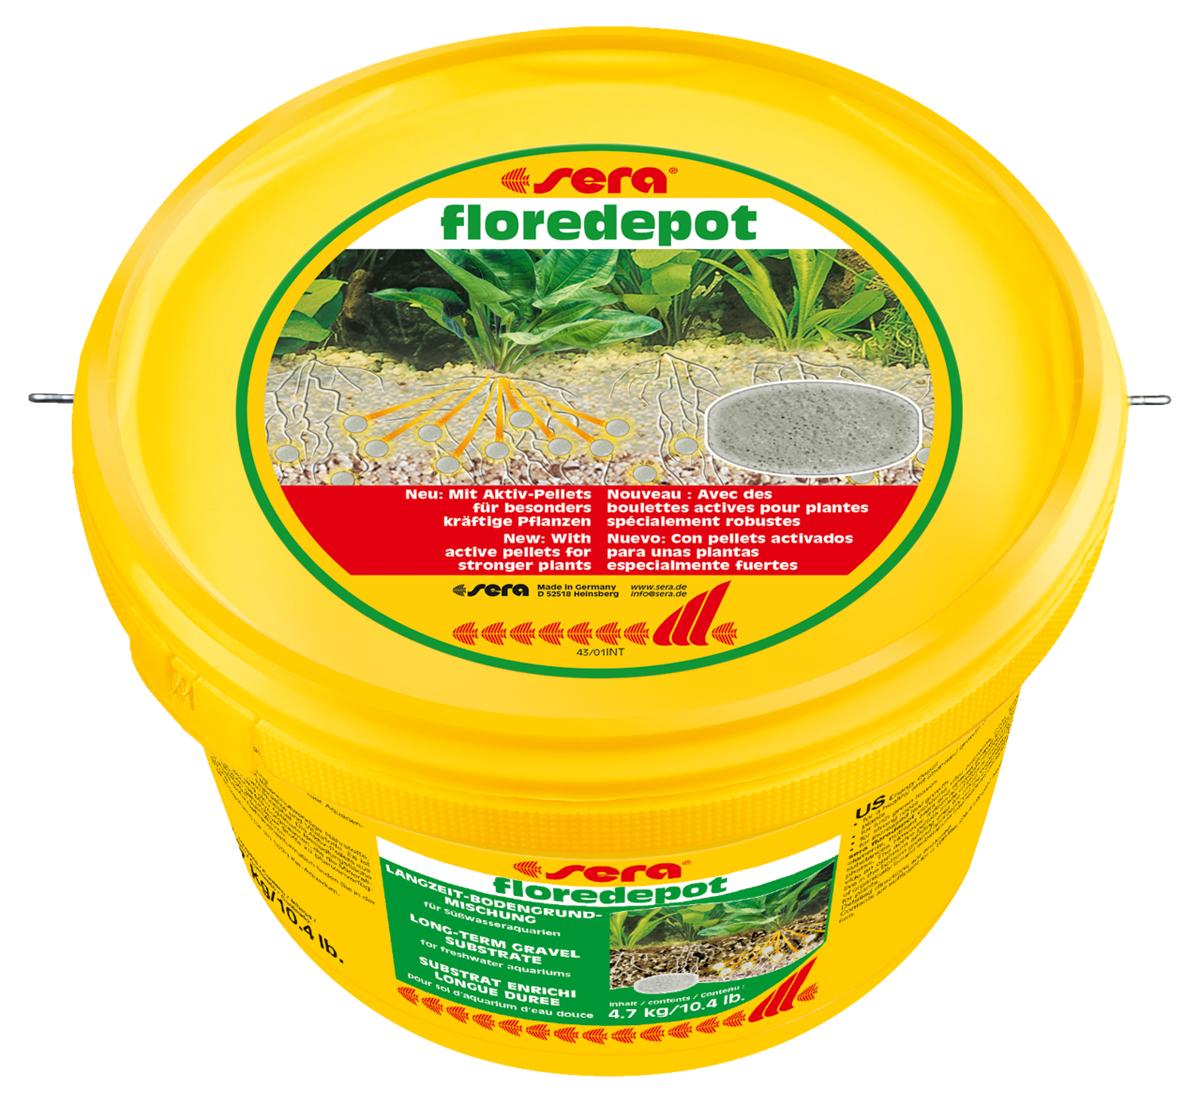 Грунт для аквариумных растений Sera Floredepot, 4,7 кг3380Грунт для аквариумных растений Sera Floredepot - питательный грунт длительного использования для водных растений в пресноводных аквариумах. Состоит из чистого промытого песка, специально подготовленного торфа, микроэлементов, питательных солей и других жизненно необходимых веществ. Инструкция по применению: Флоредепот используется при первом запуске аквариума. Грунт необходимо равномерно распределить по дну аквариума в той части, где впоследствии предполагается высадить водные растения. Примерный расчет: упаковка 2,4 кг для аквариумов до 60 л, упаковка 4,7 кг - до 100 л воды.